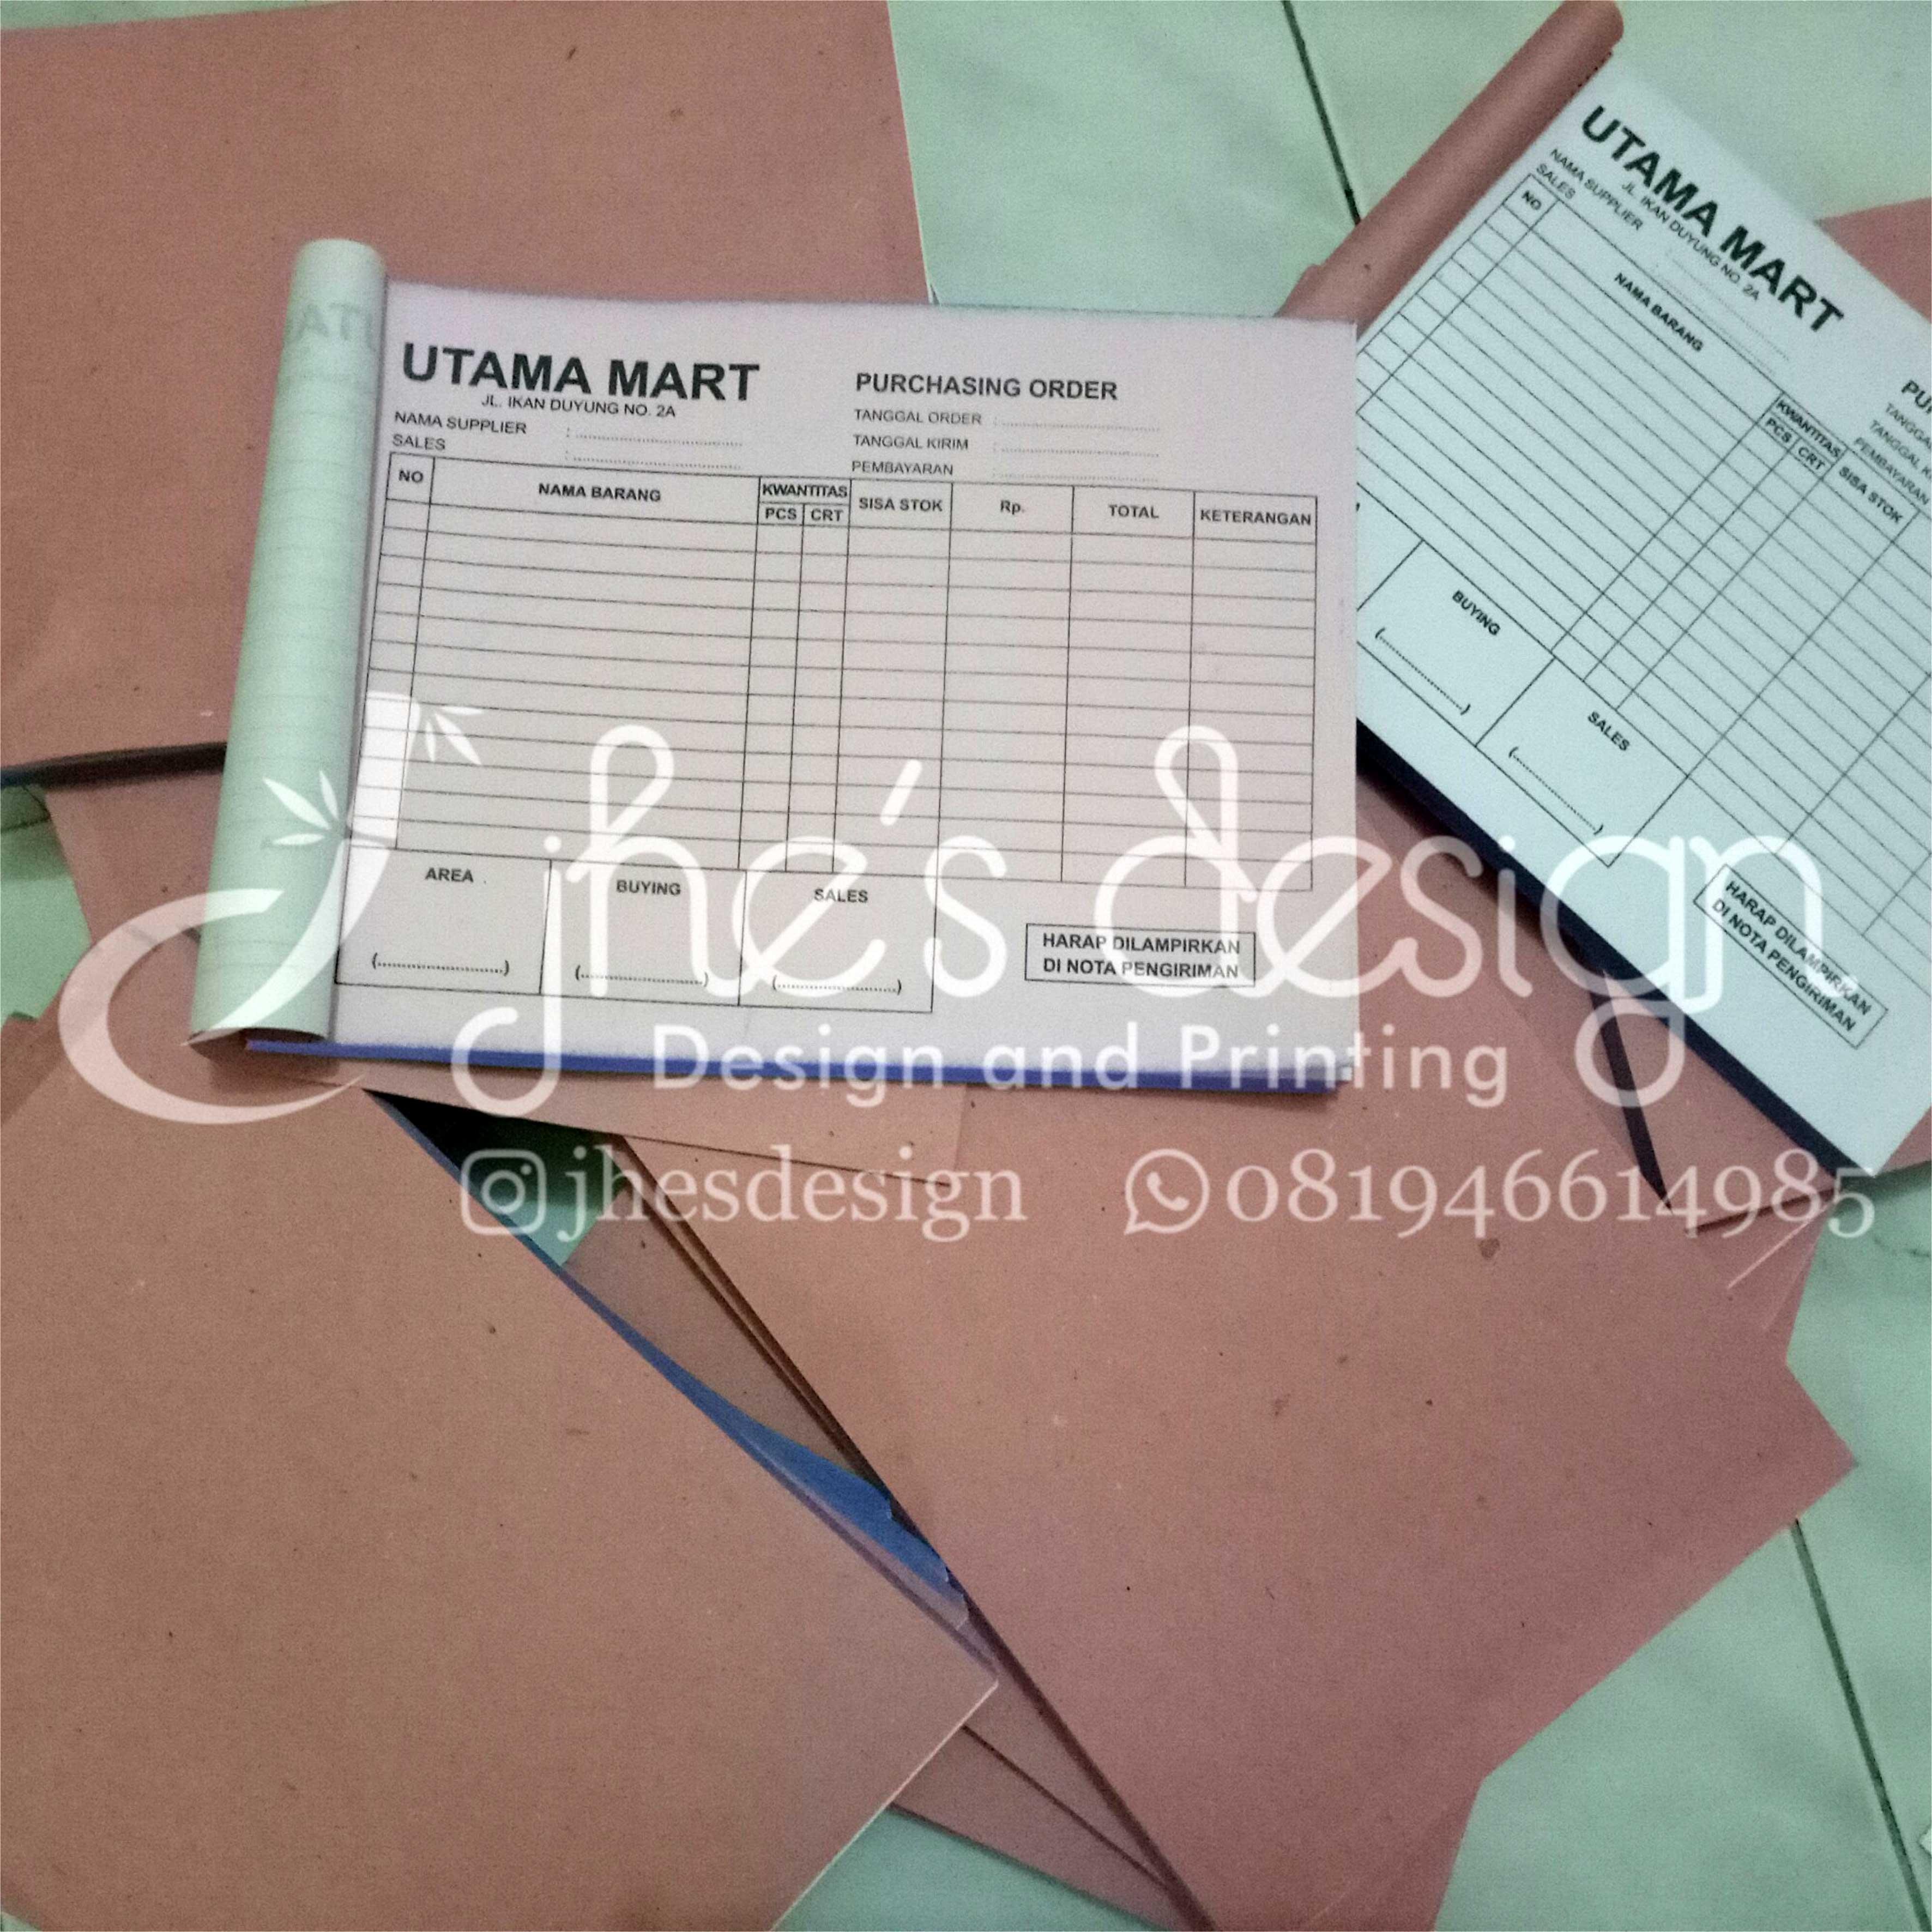 Nota - jhesdesign.com